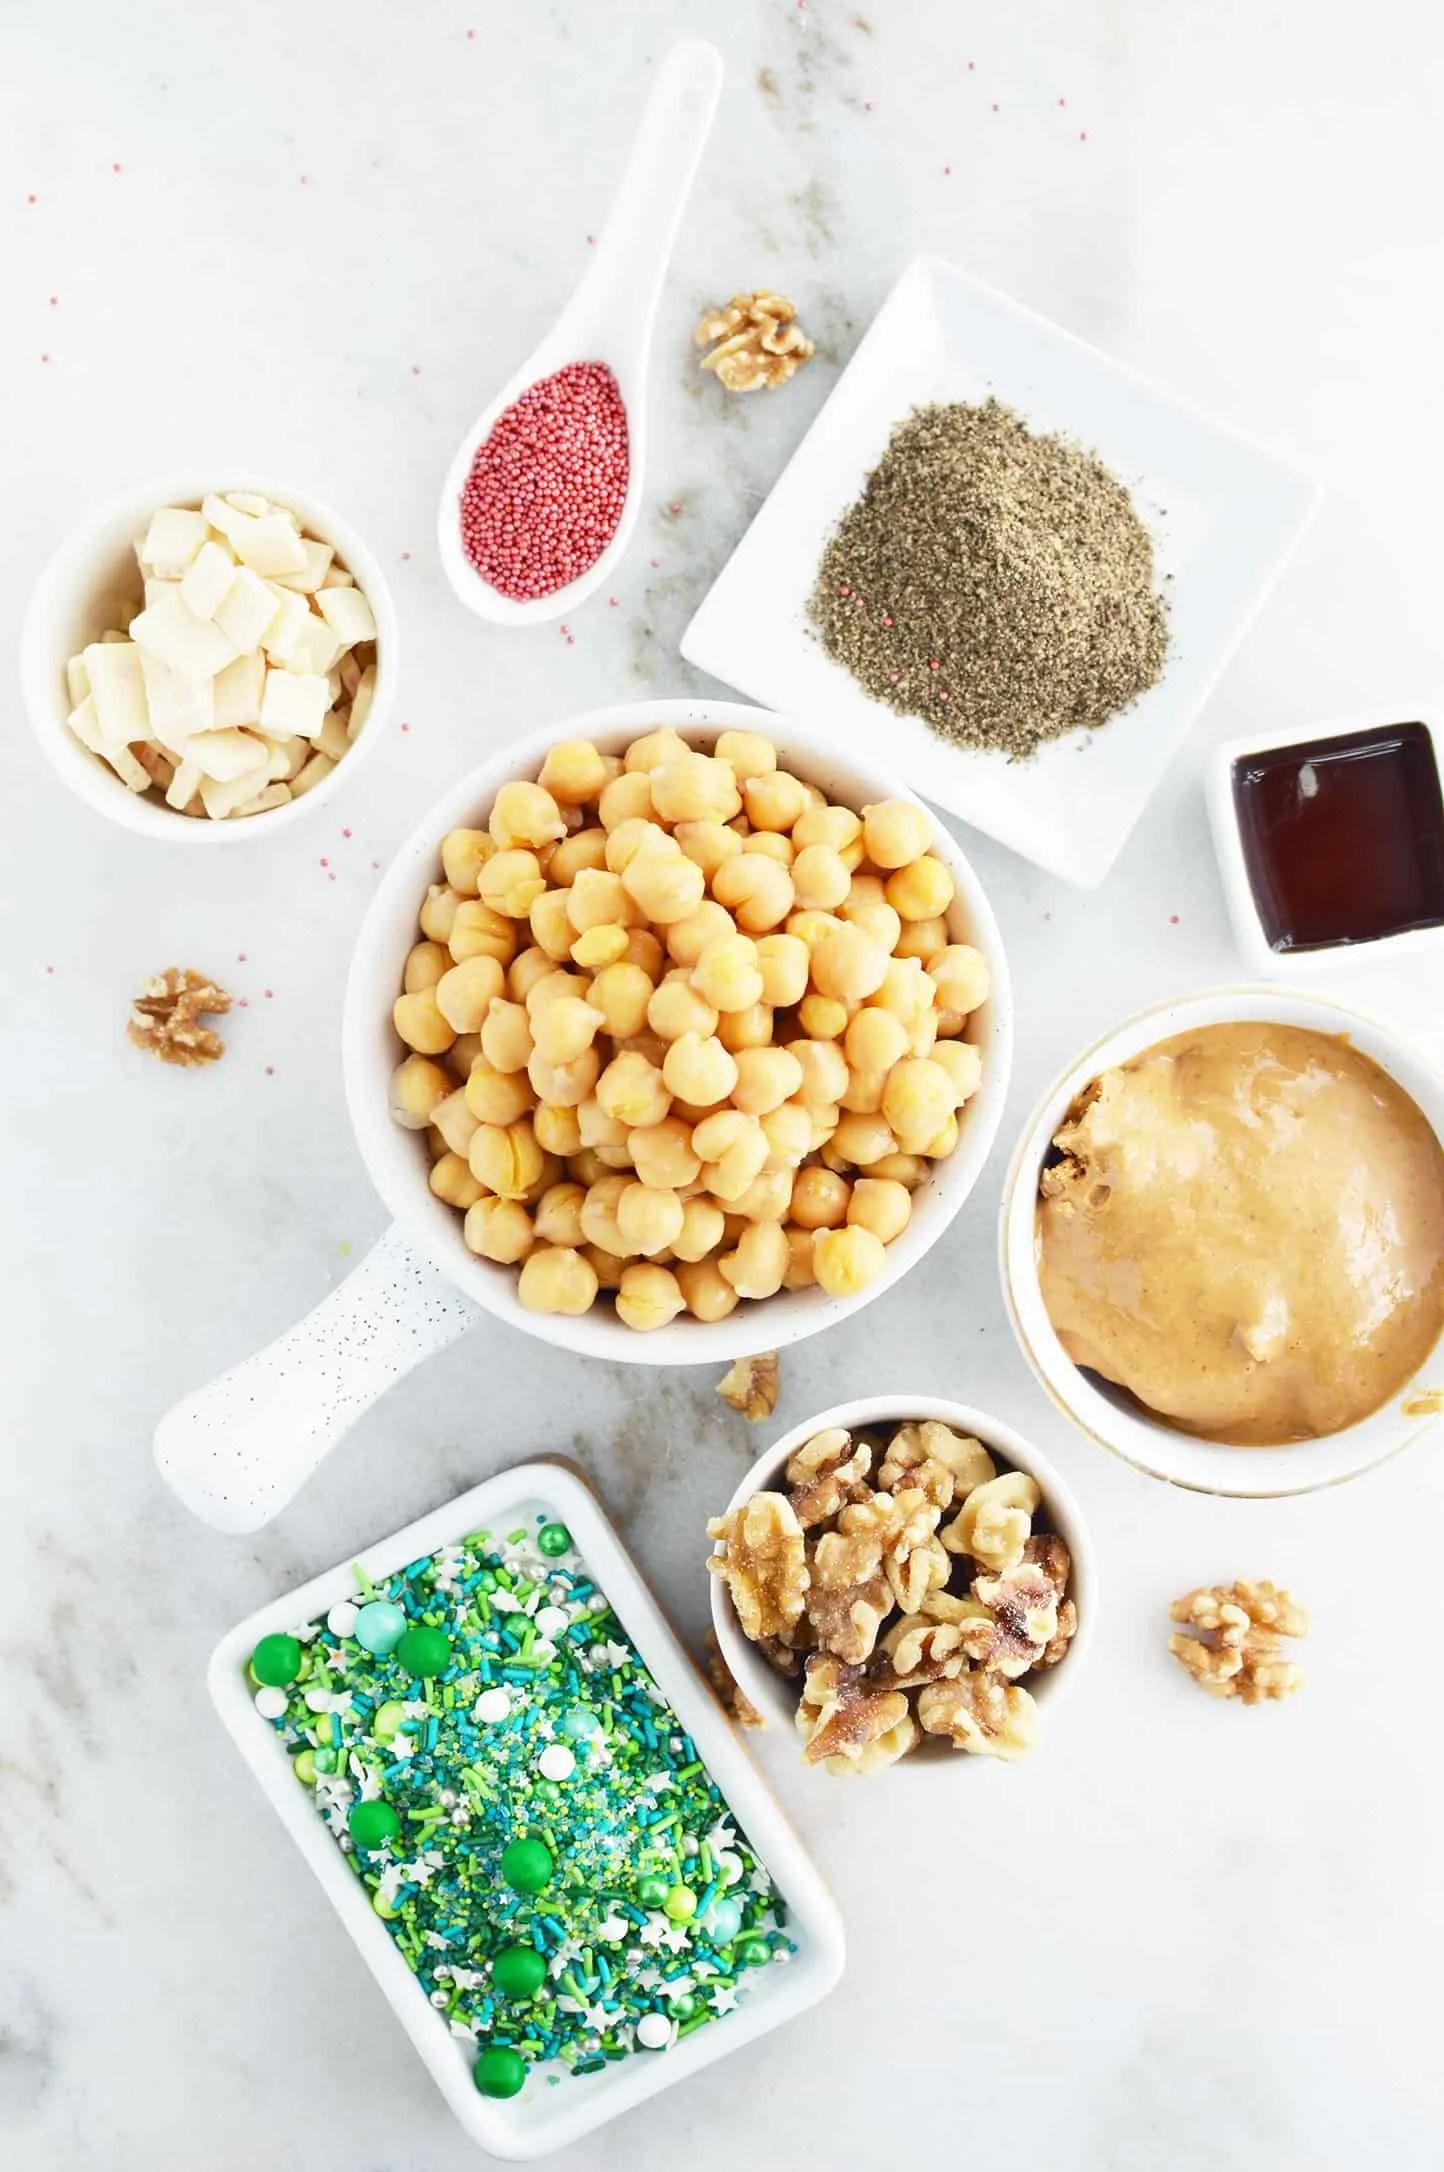 Healthy Edible Cookie Dough ingredients.